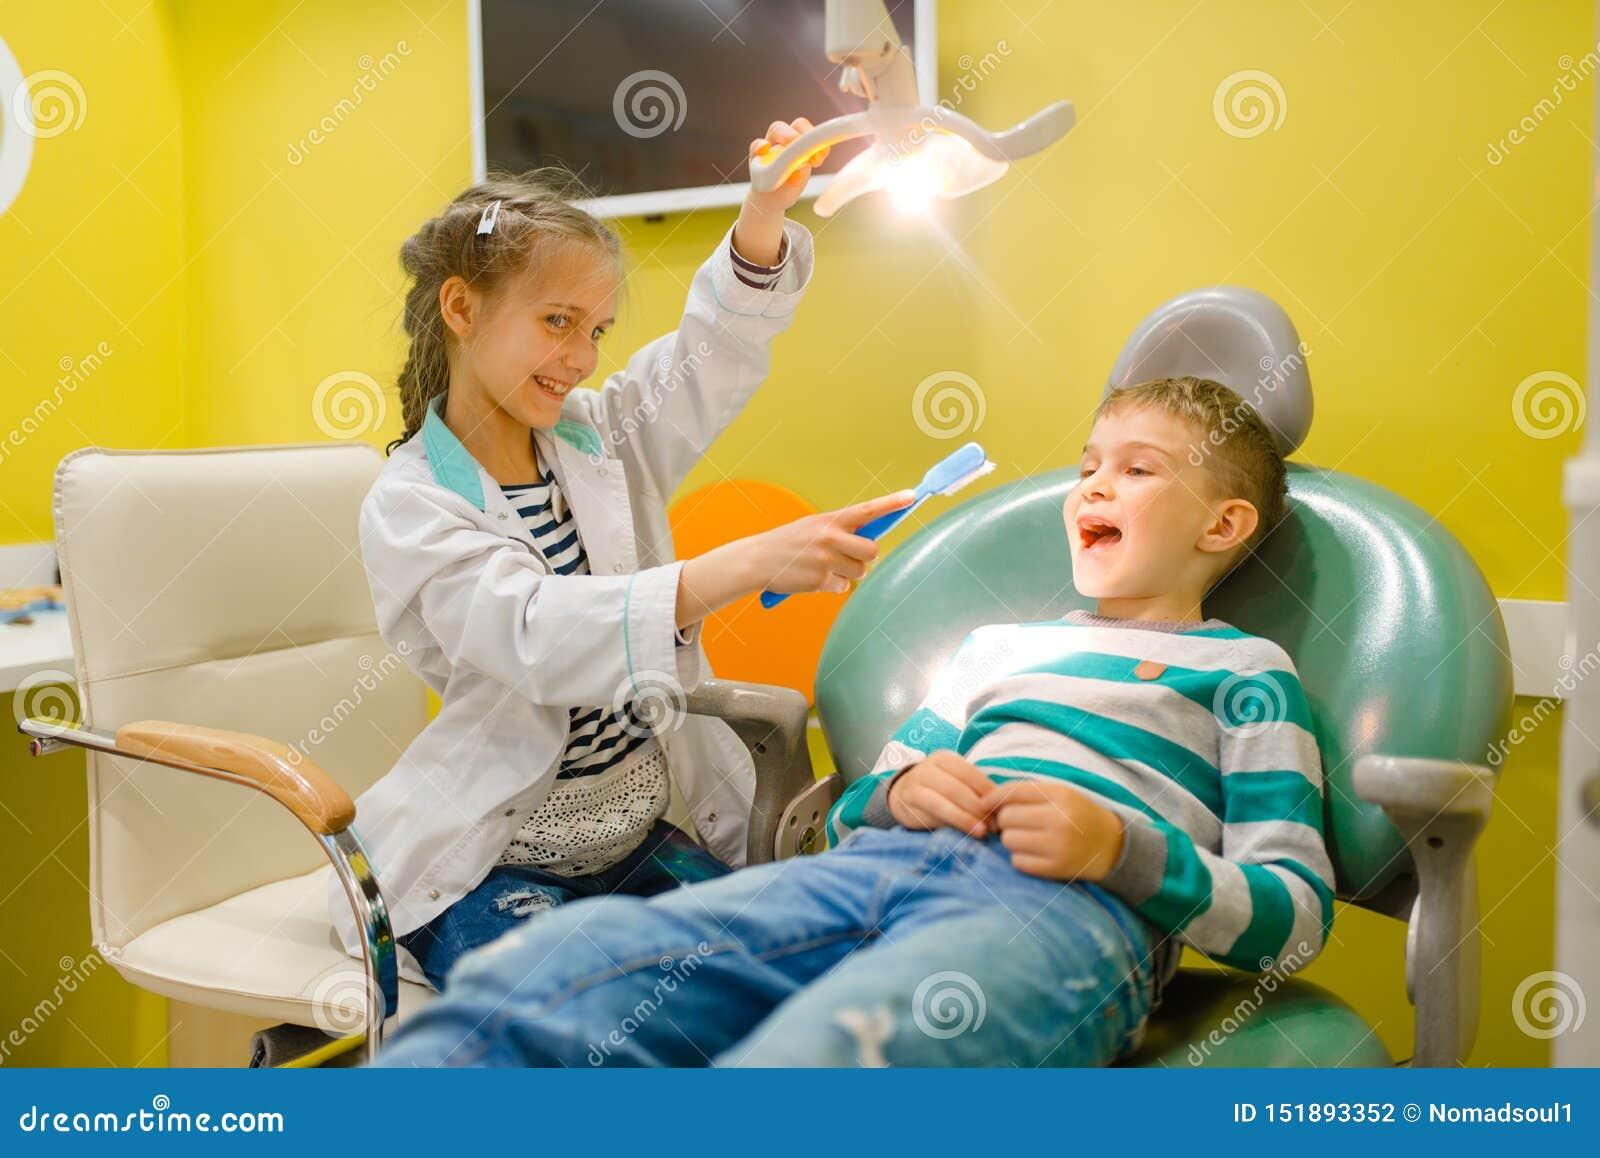 Μικρό κορίτσι στον ομοιόμορφο παίζοντας οδοντίατρο, χώρος για παιχνίδη